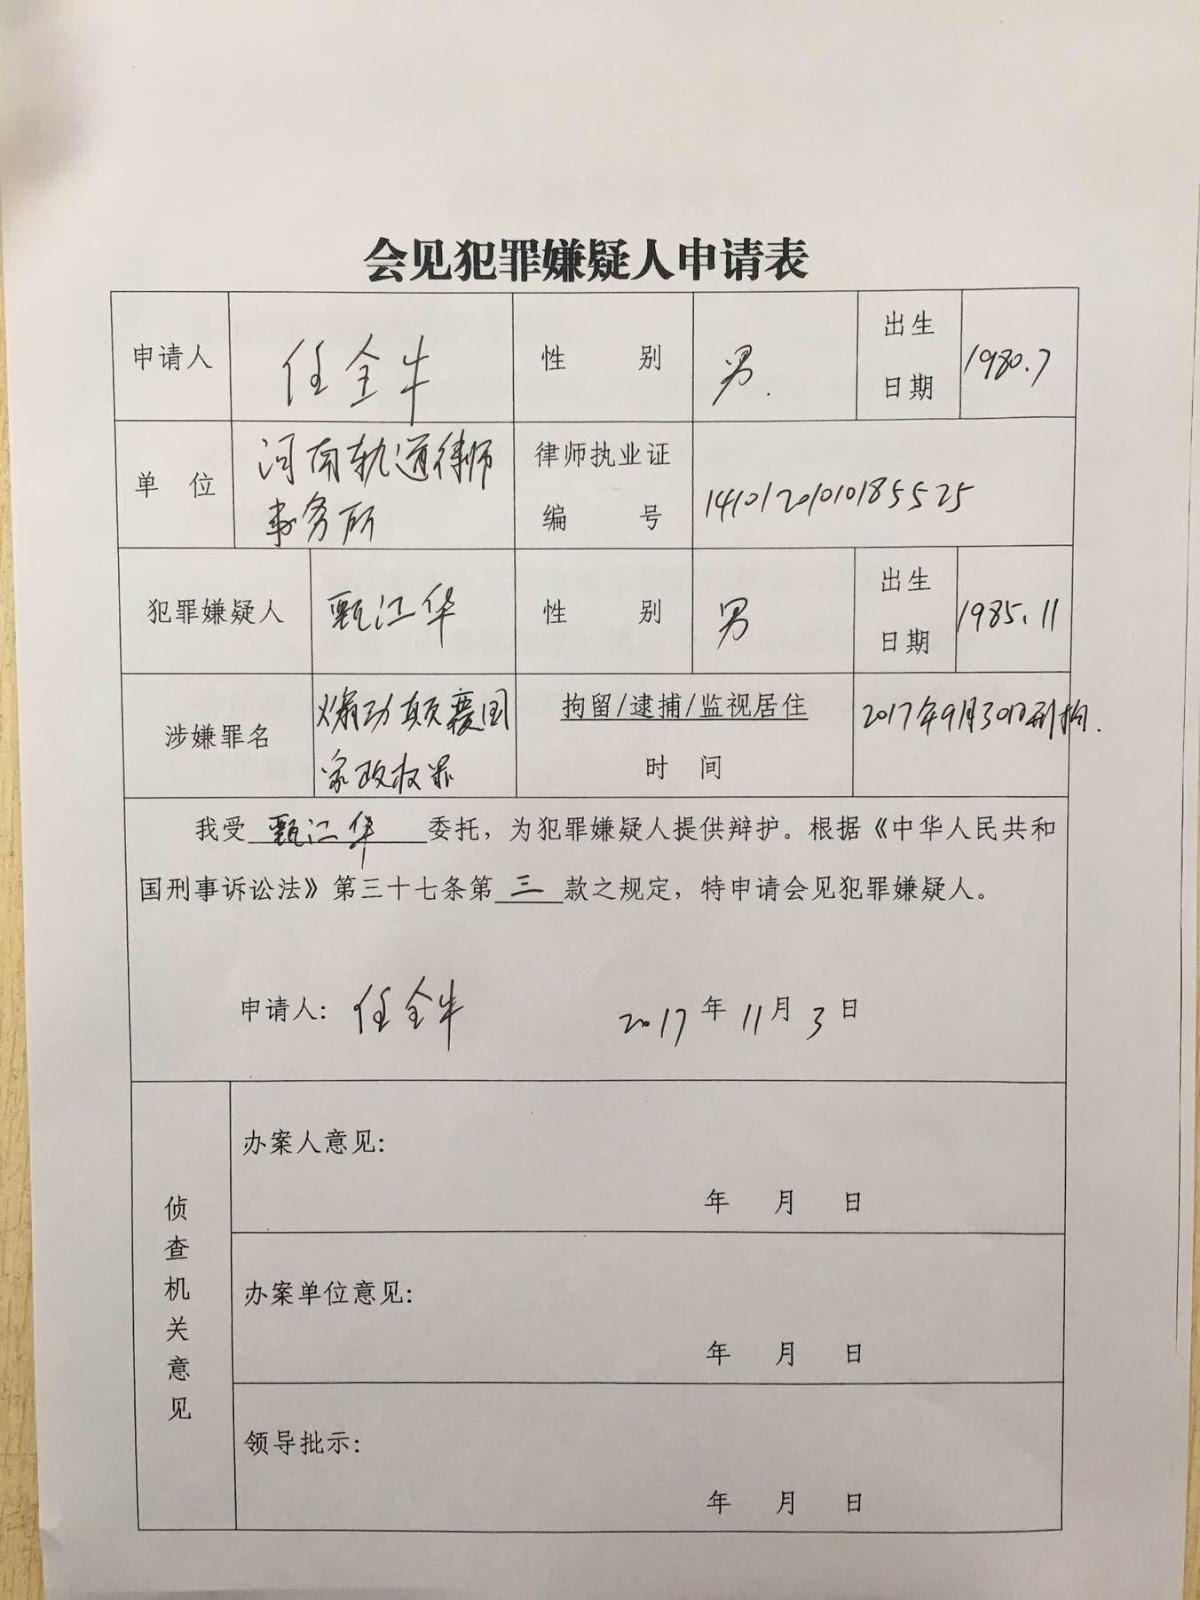 权利运动 | 甄江华律师接口头答复:指定监视居住 不可会见律师